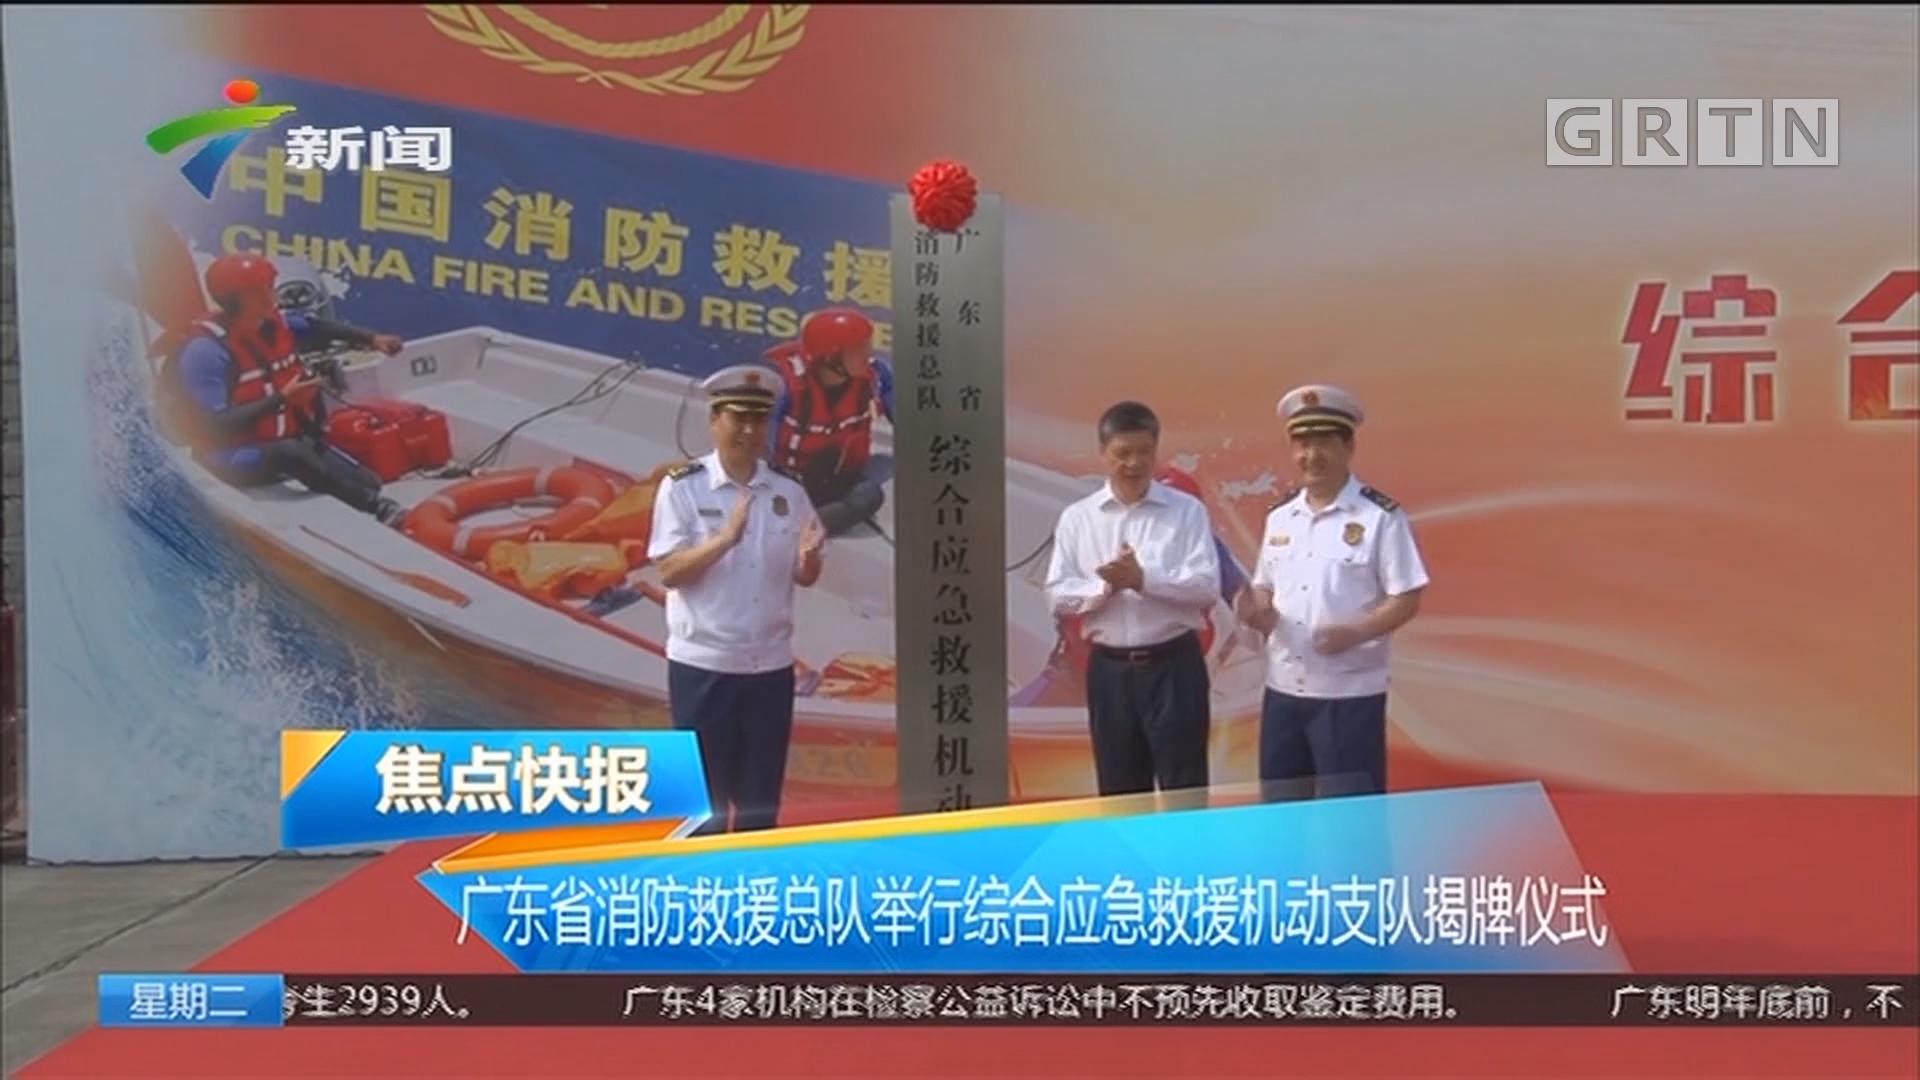 广东省消防救授总队举行综合应急救援机动支队揭牌仪式